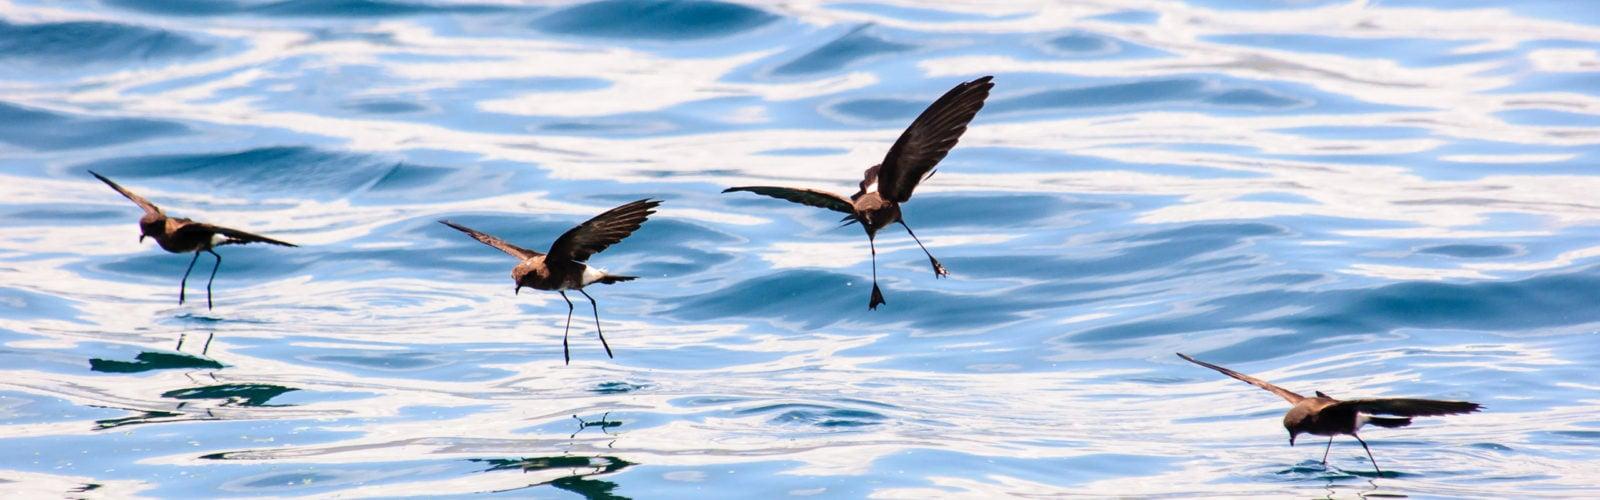 storm-petrel-galapagos